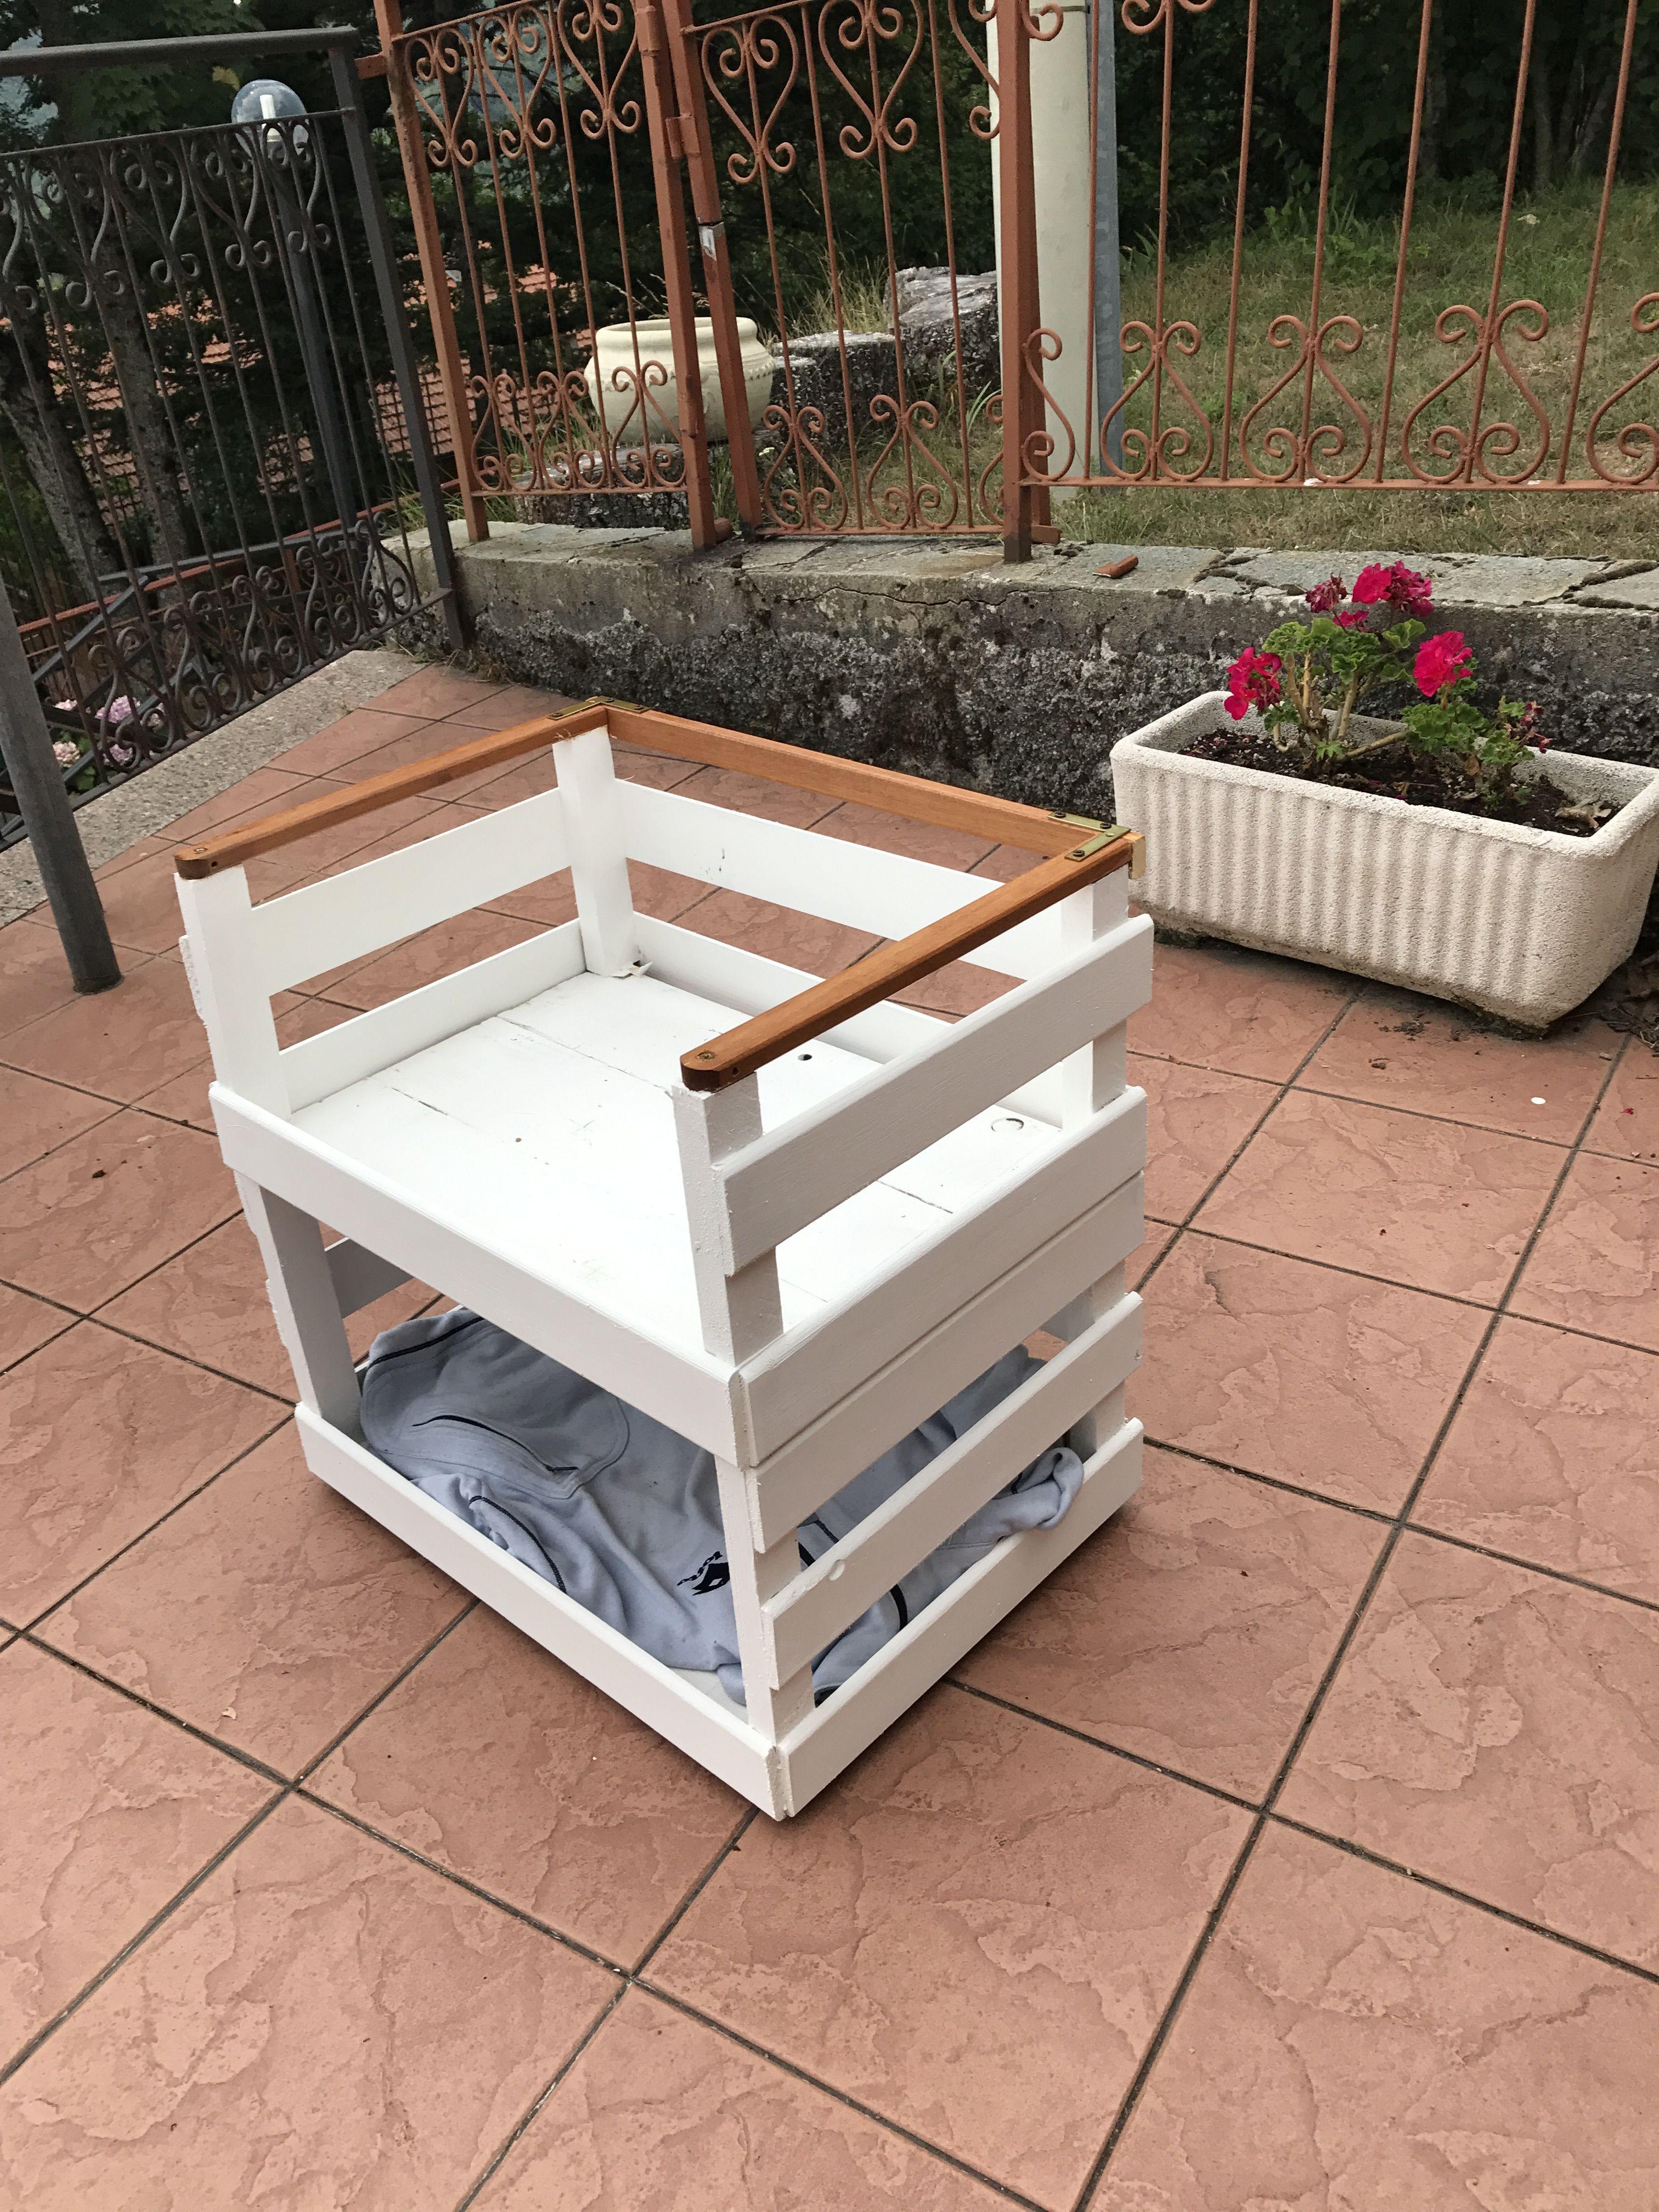 Costruire Cuccia Per Gatti casetta per gatti a due piani | casetta per gatti, casette